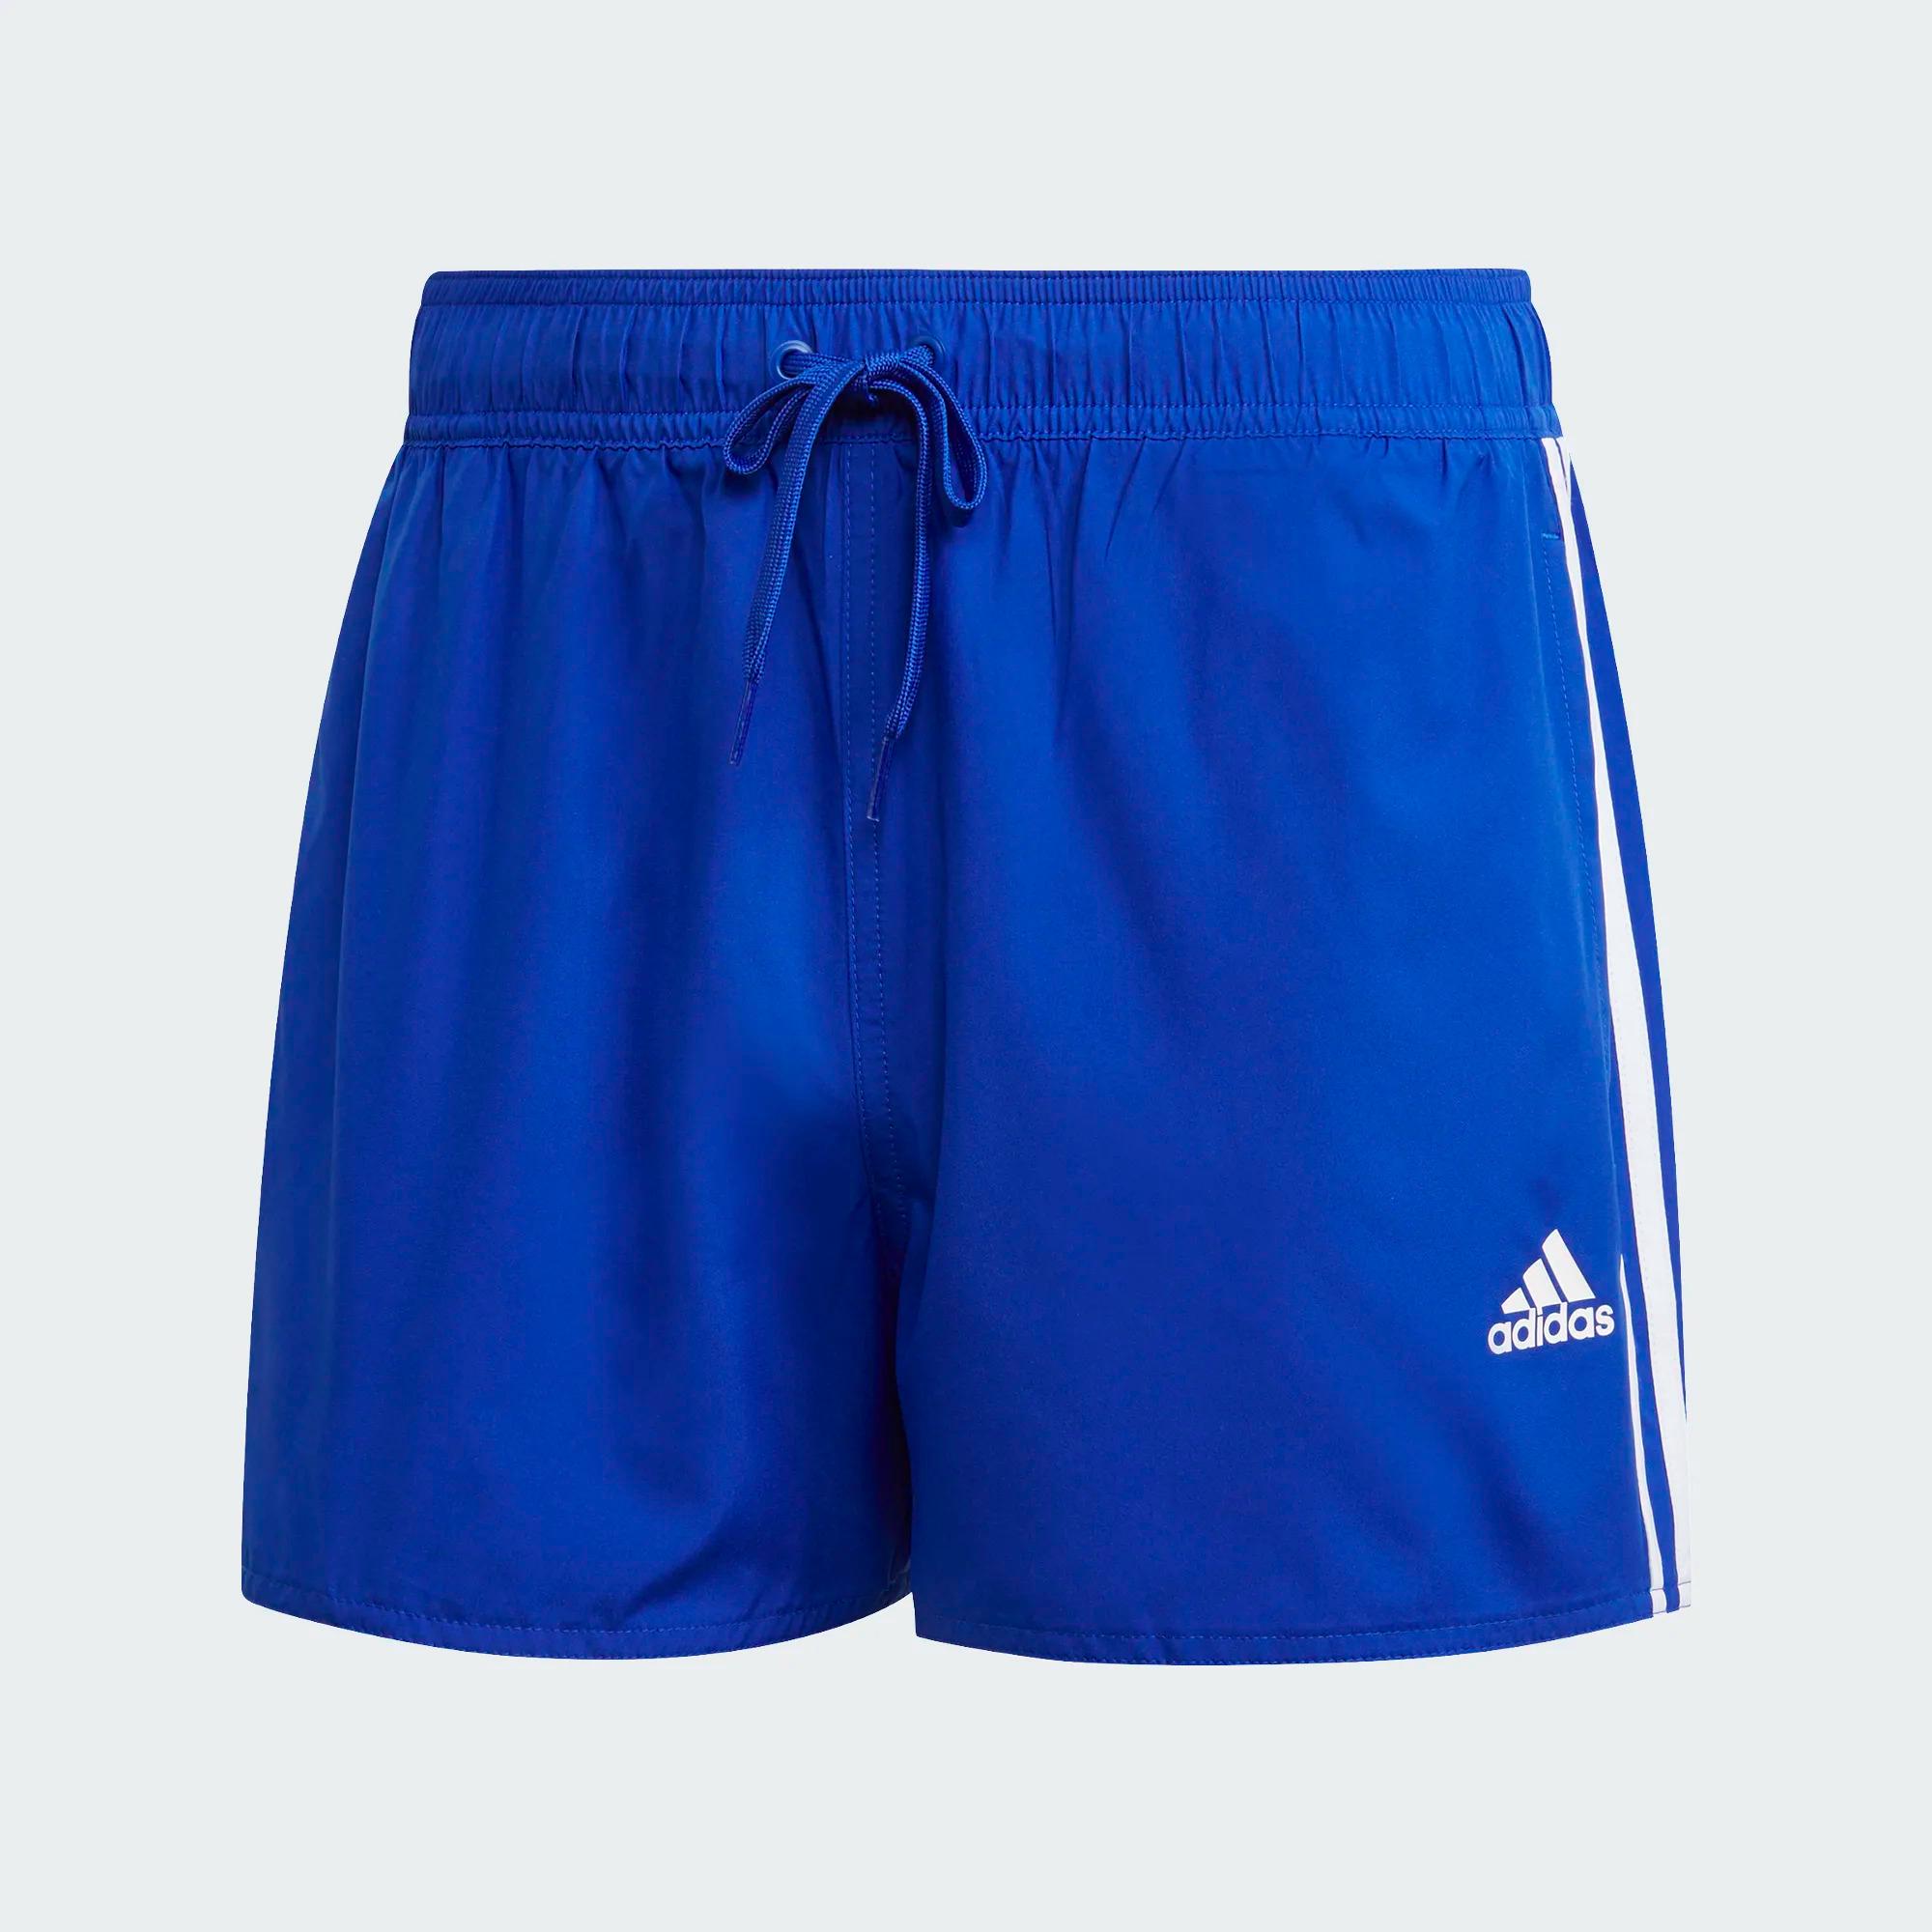 Adidas 3-Streifen CLX Badeshorts